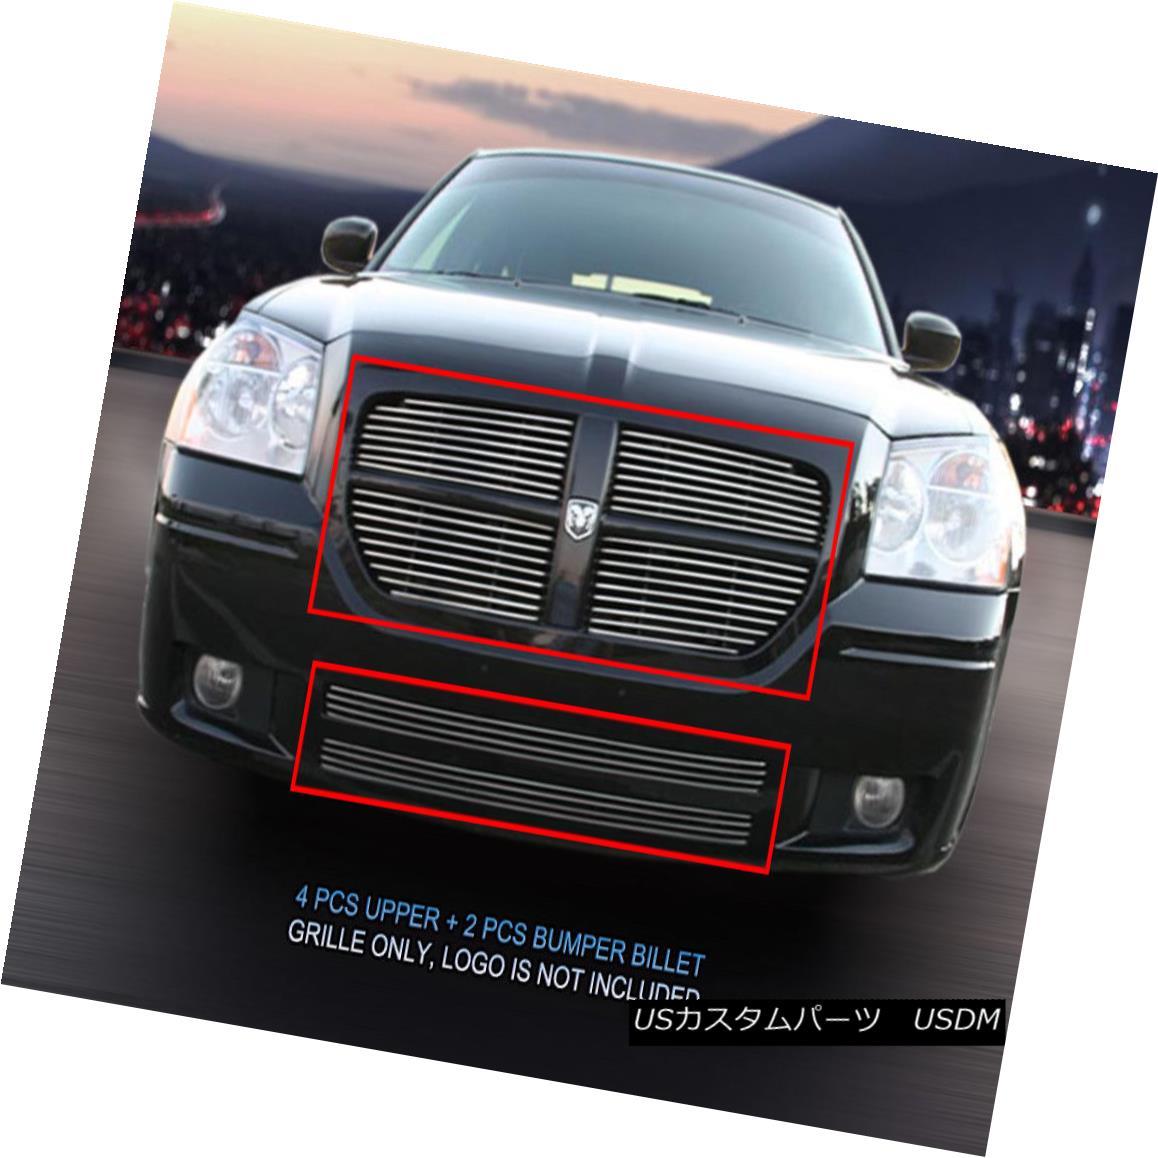 グリル 2008-2010 Dodge Magnum Billet Grille COMBO Grill Insert Fedar 2008-2010ダッジマグナムビレットグリルコンボグリルインサートフェルダ